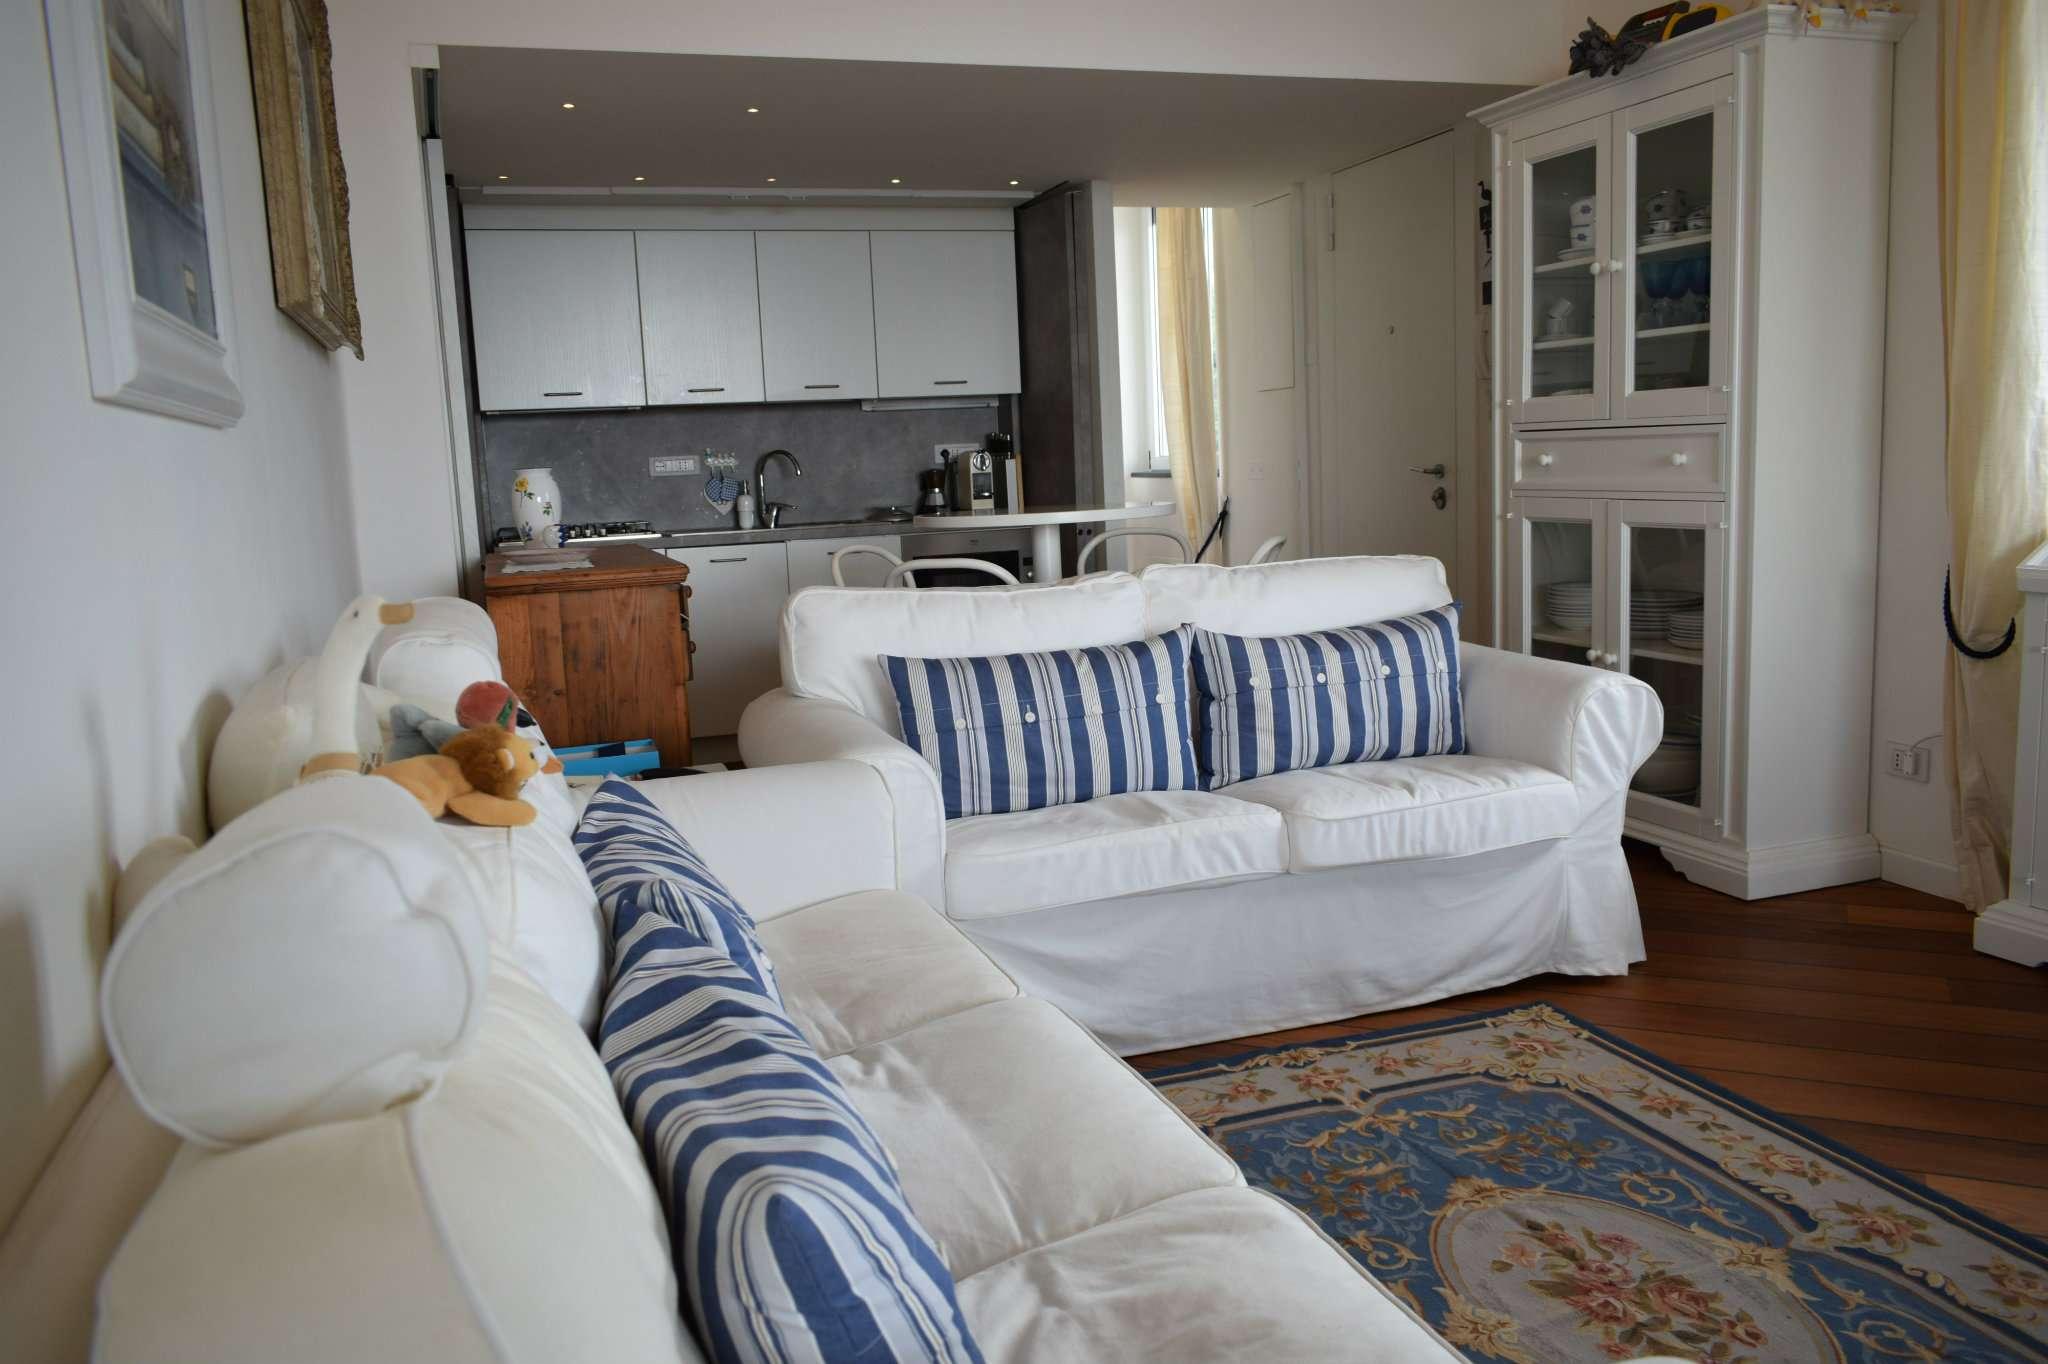 Villa Bifamiliare in vendita a Varazze, 3 locali, prezzo € 1.000.000   CambioCasa.it